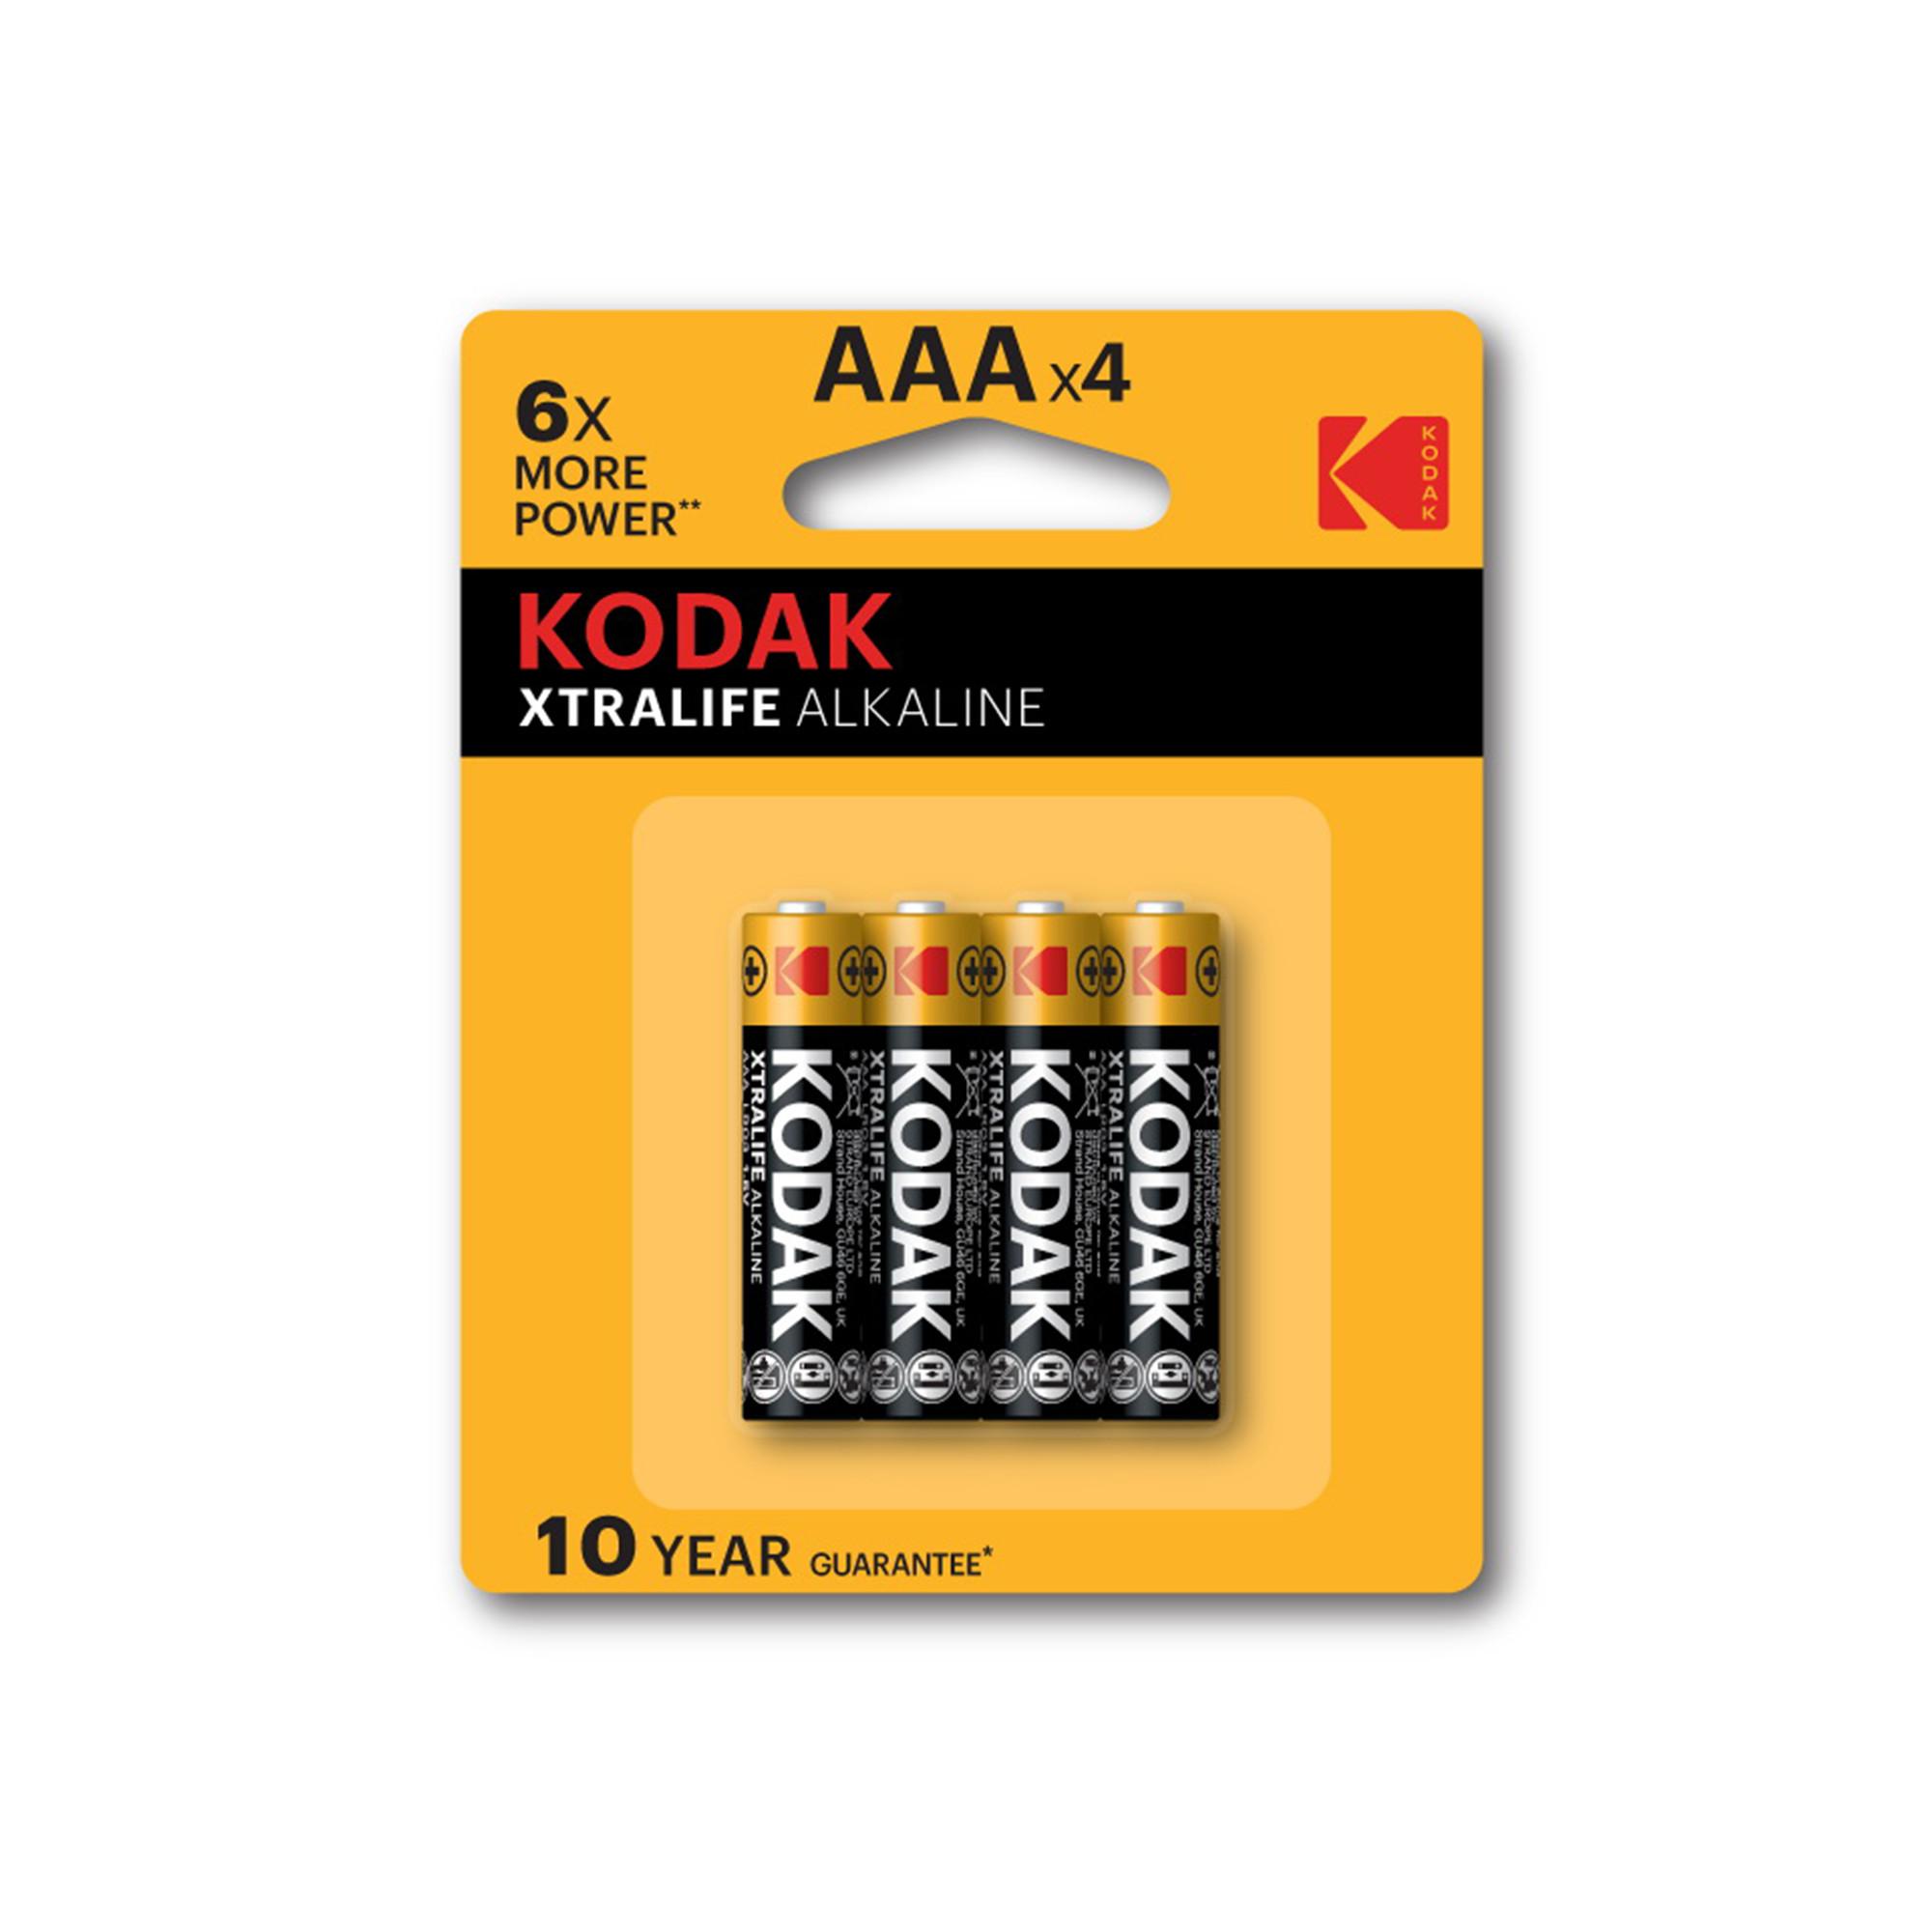 Bộ 4 Pin Kodak Alkaline AAA UBL IB0124